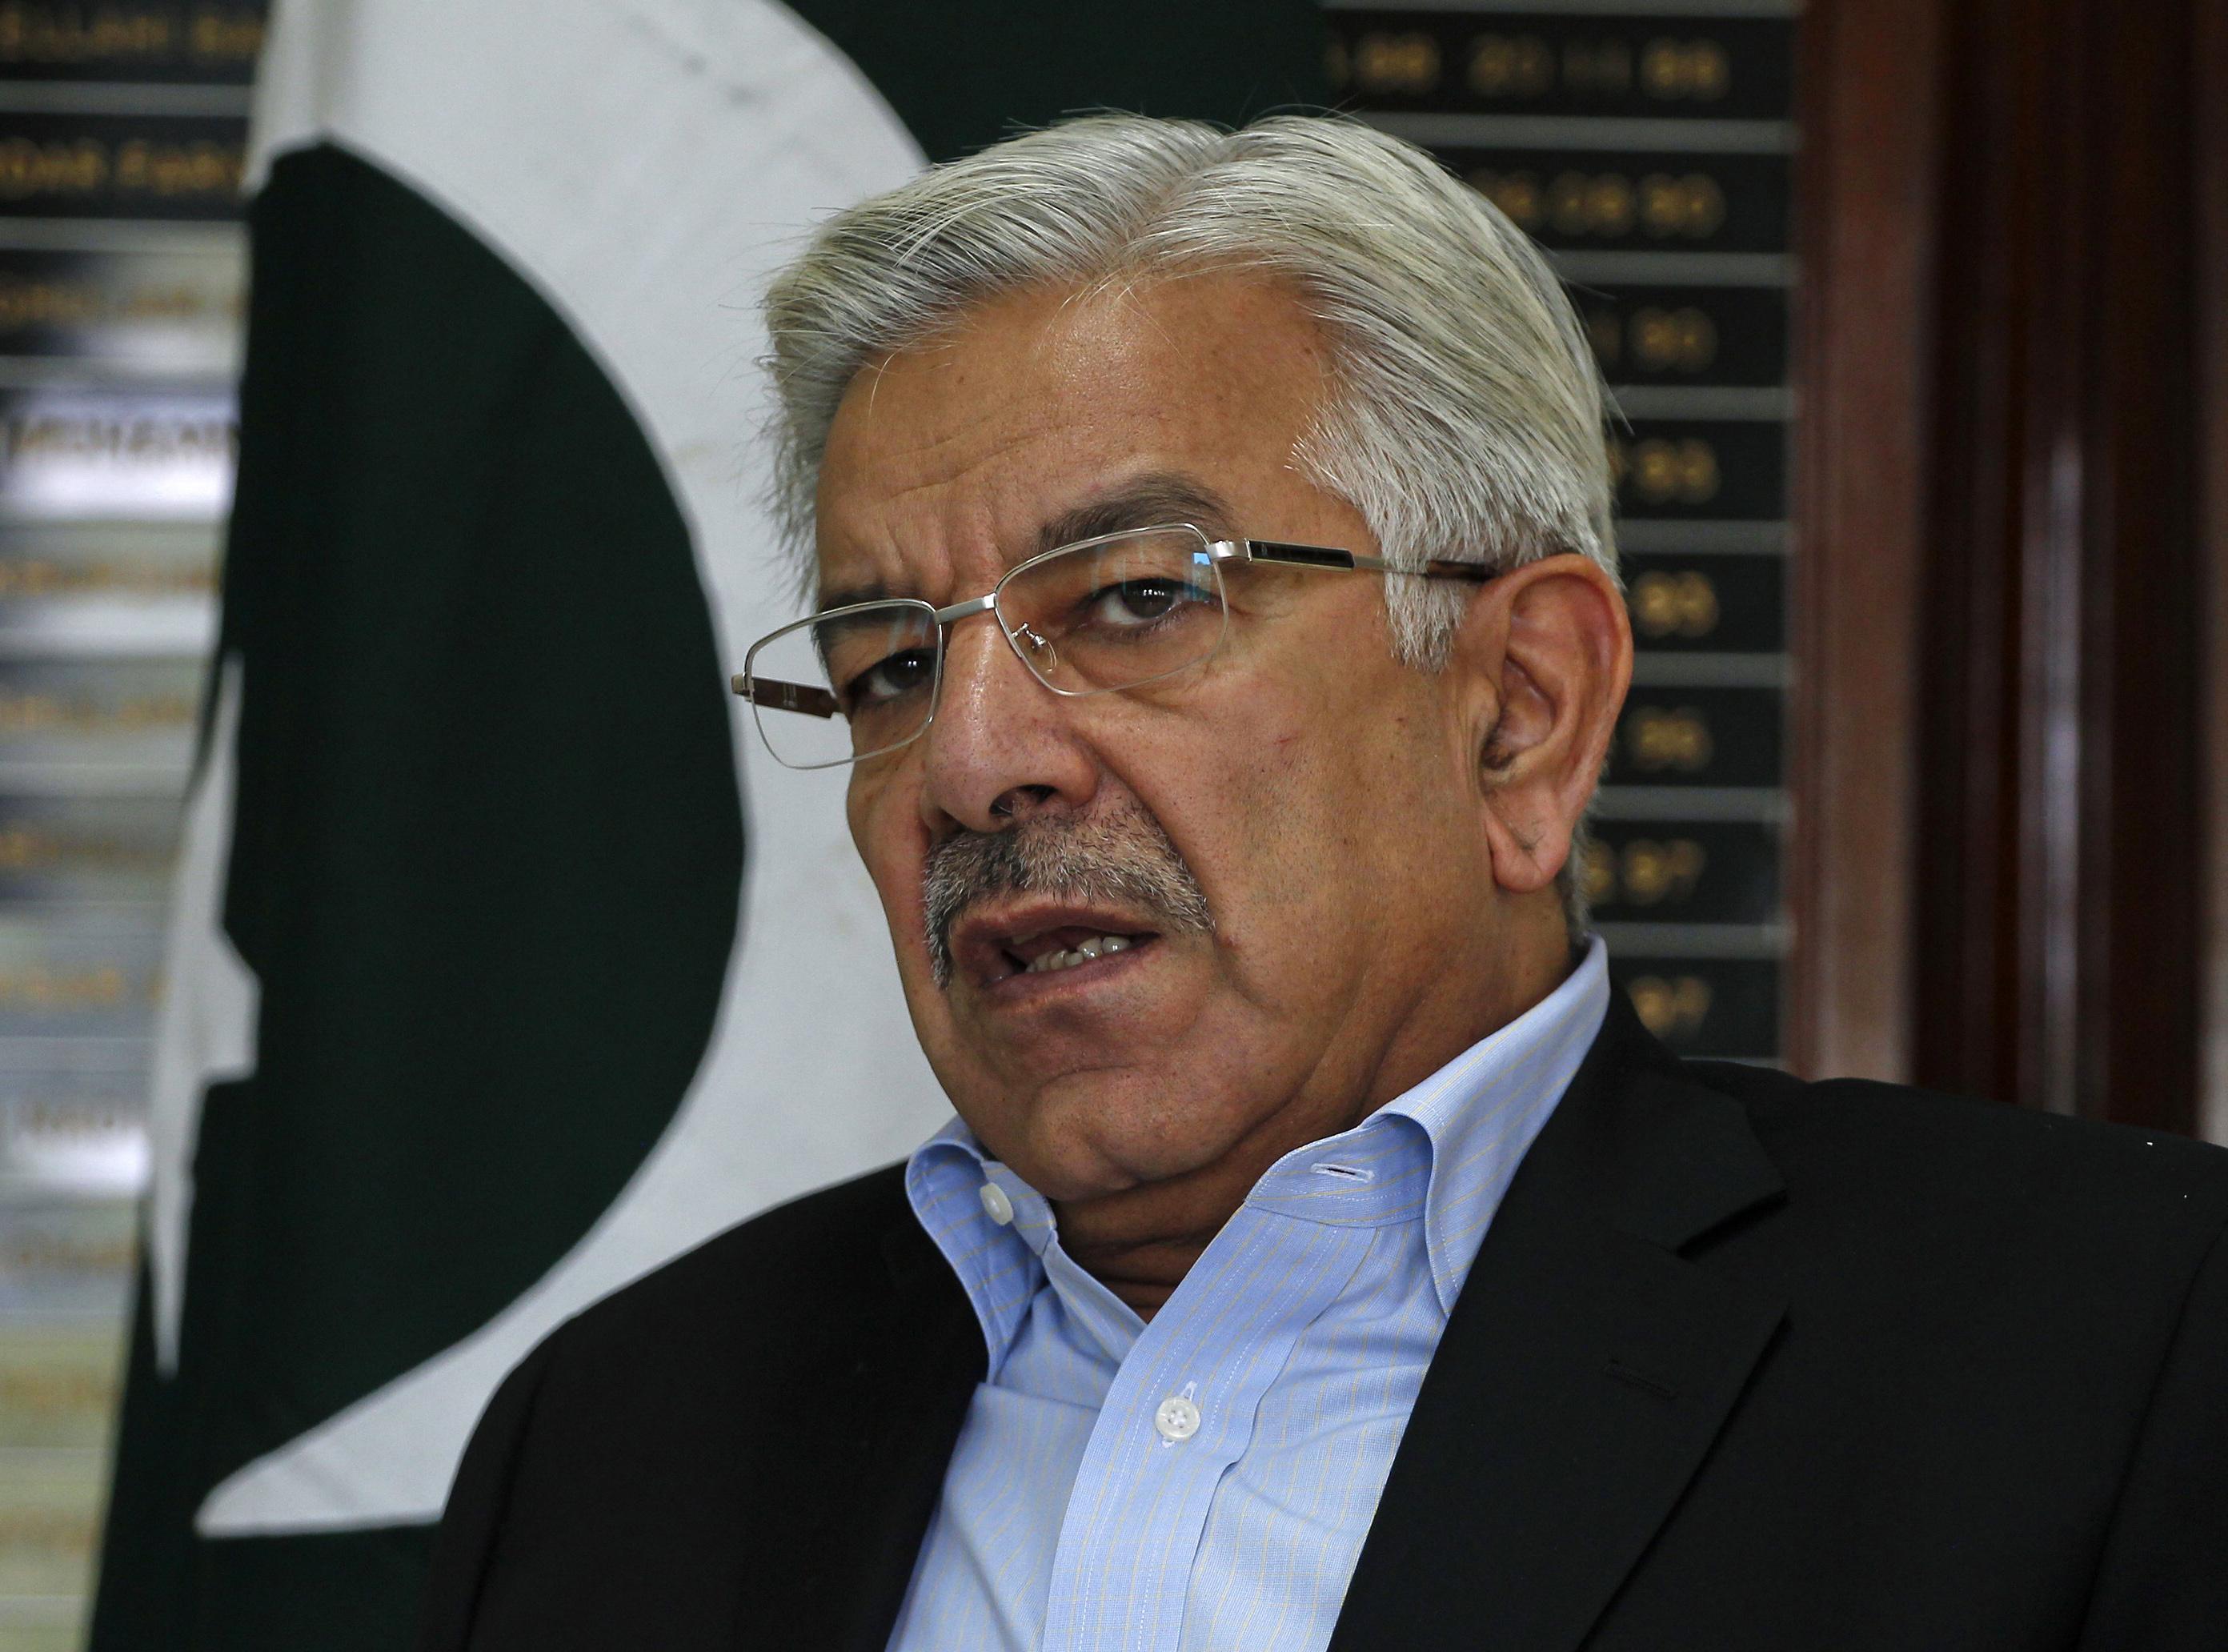 Pakistan Dışişleri Bakanı: ABD, sürekli ihanet eden arkadaş gibi